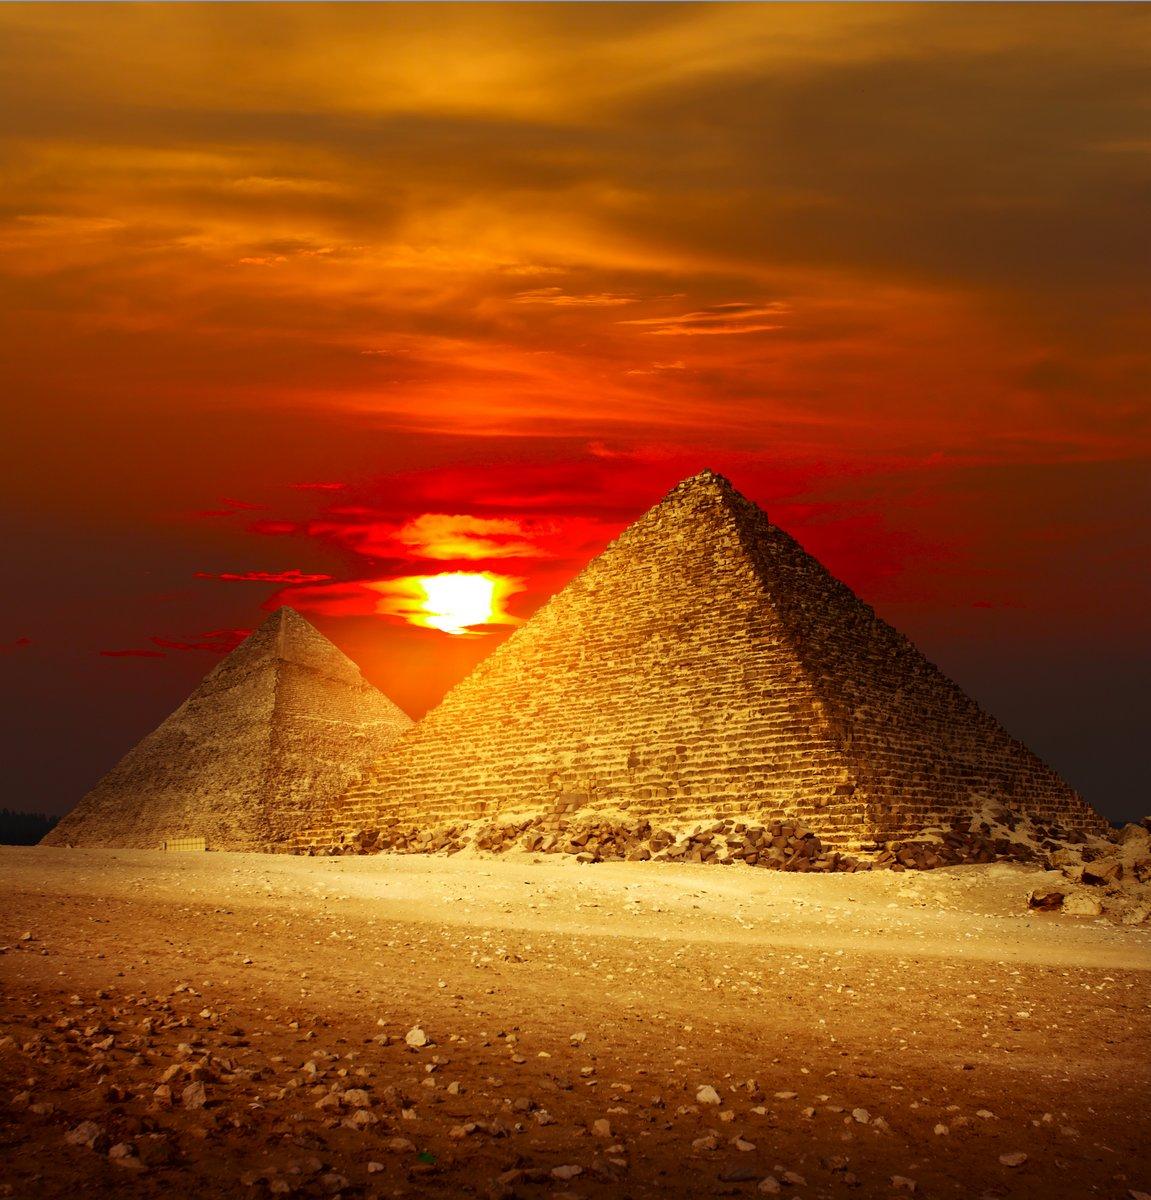 Постер Архитектура Постер 24893975, 20x21 см, на бумагеЕгипетские пирамиды<br>Постер на холсте или бумаге. Любого нужного вам размера. В раме или без. Подвес в комплекте. Трехслойная надежная упаковка. Доставим в любую точку России. Вам осталось только повесить картину на стену!<br>